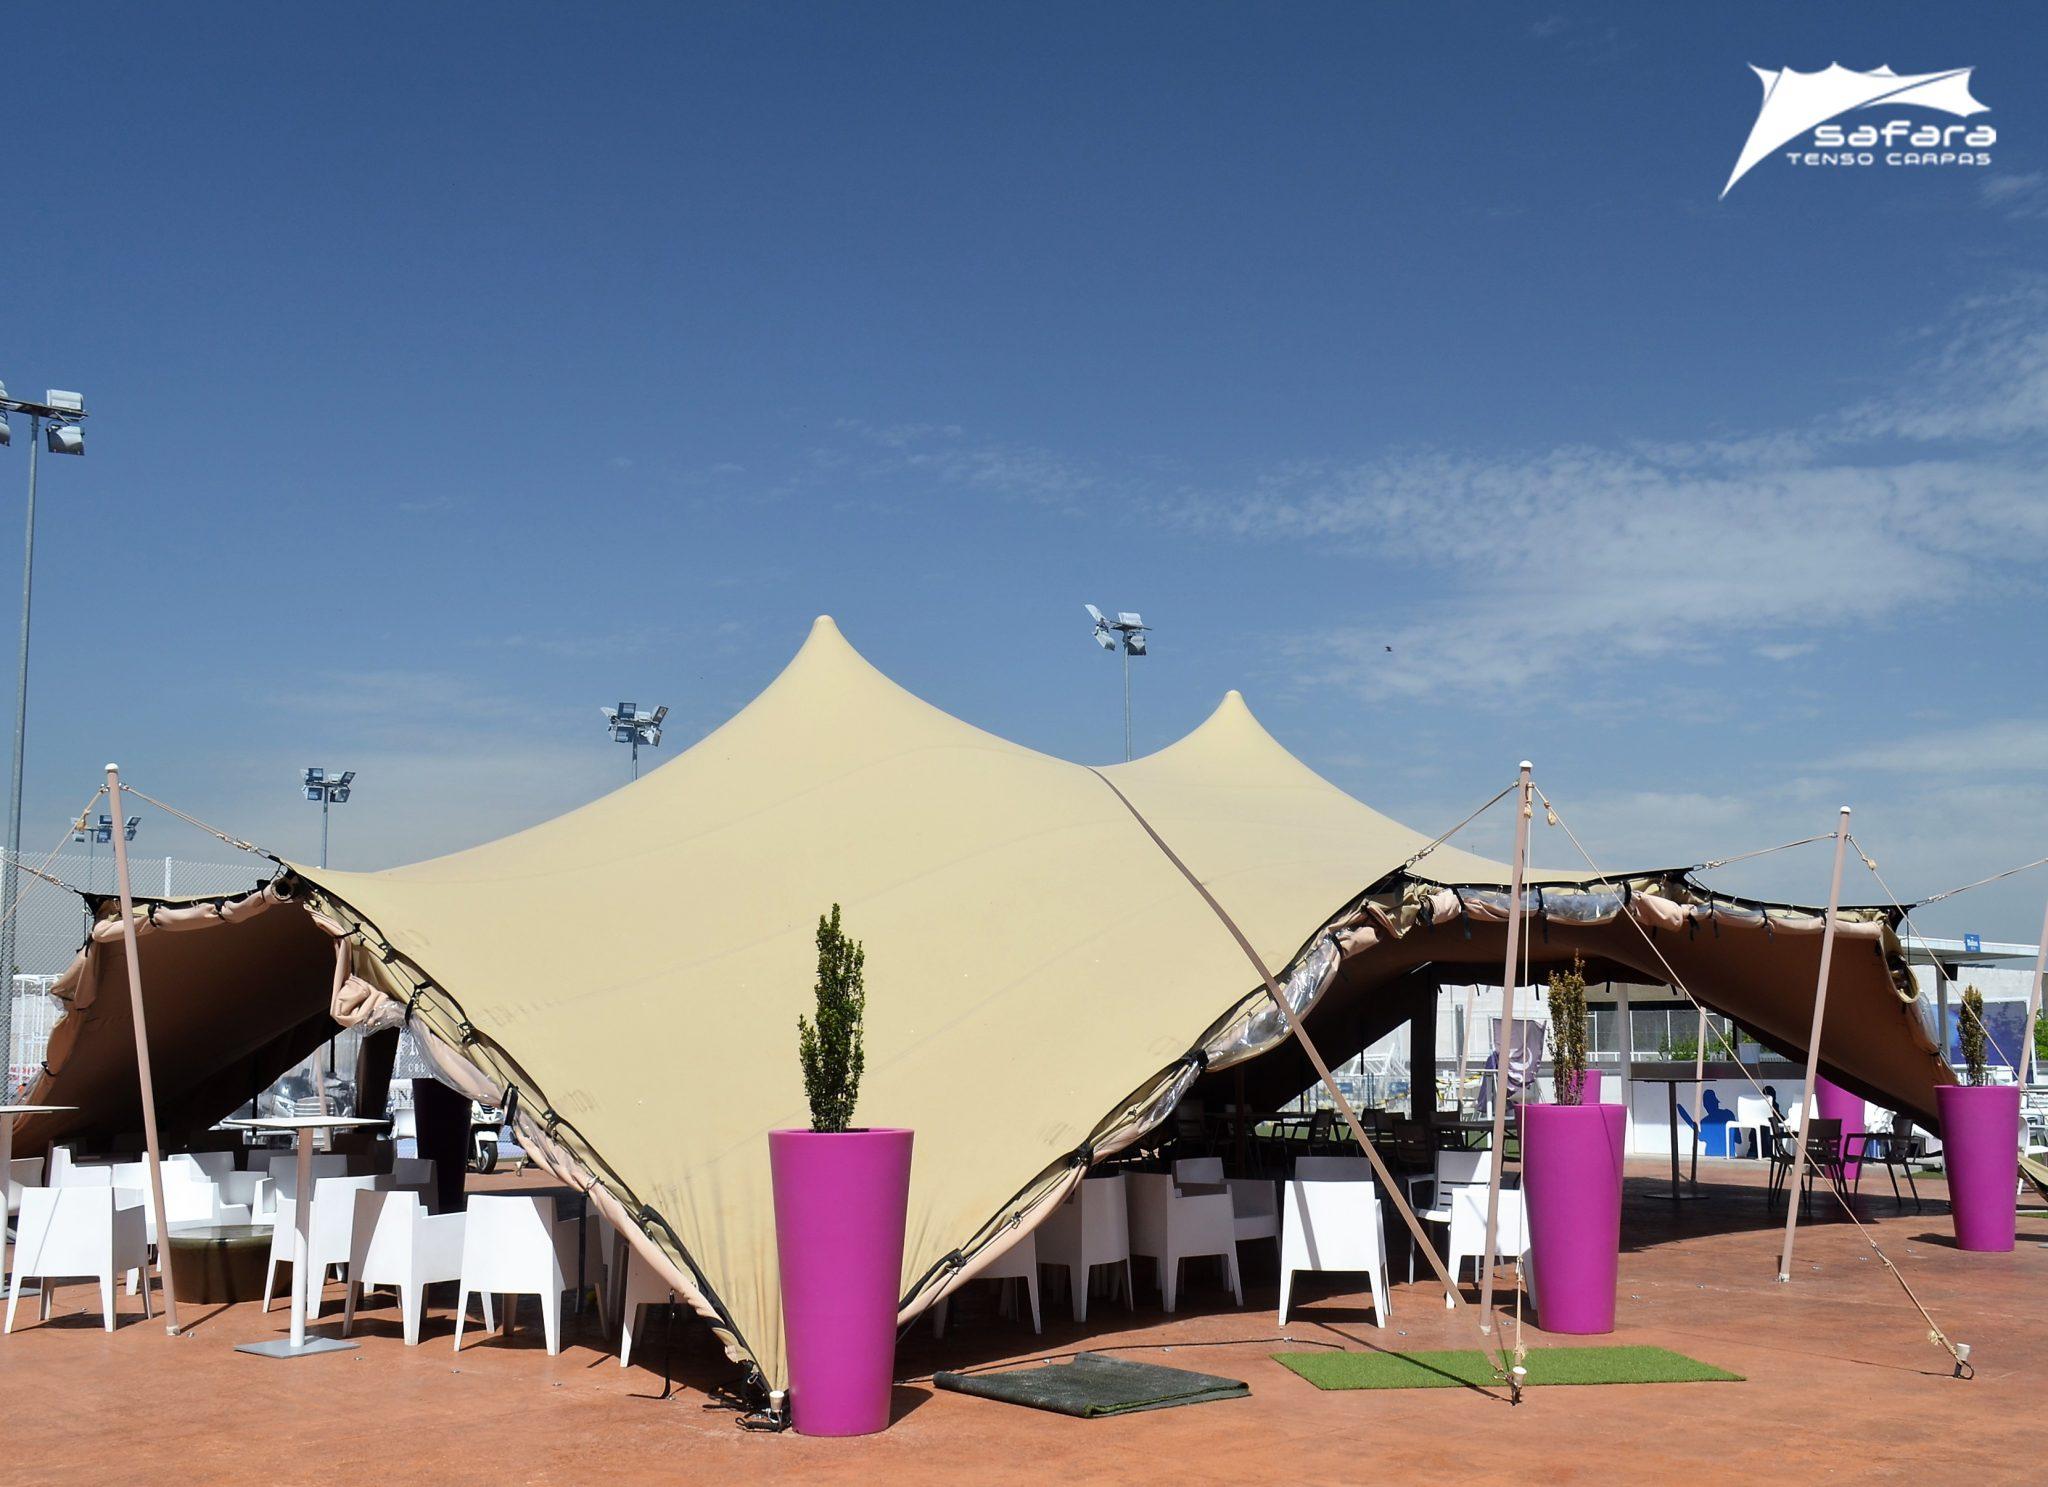 Los cerramientos Safara, ideales para resguardar a tus invitados - Safara Carpas